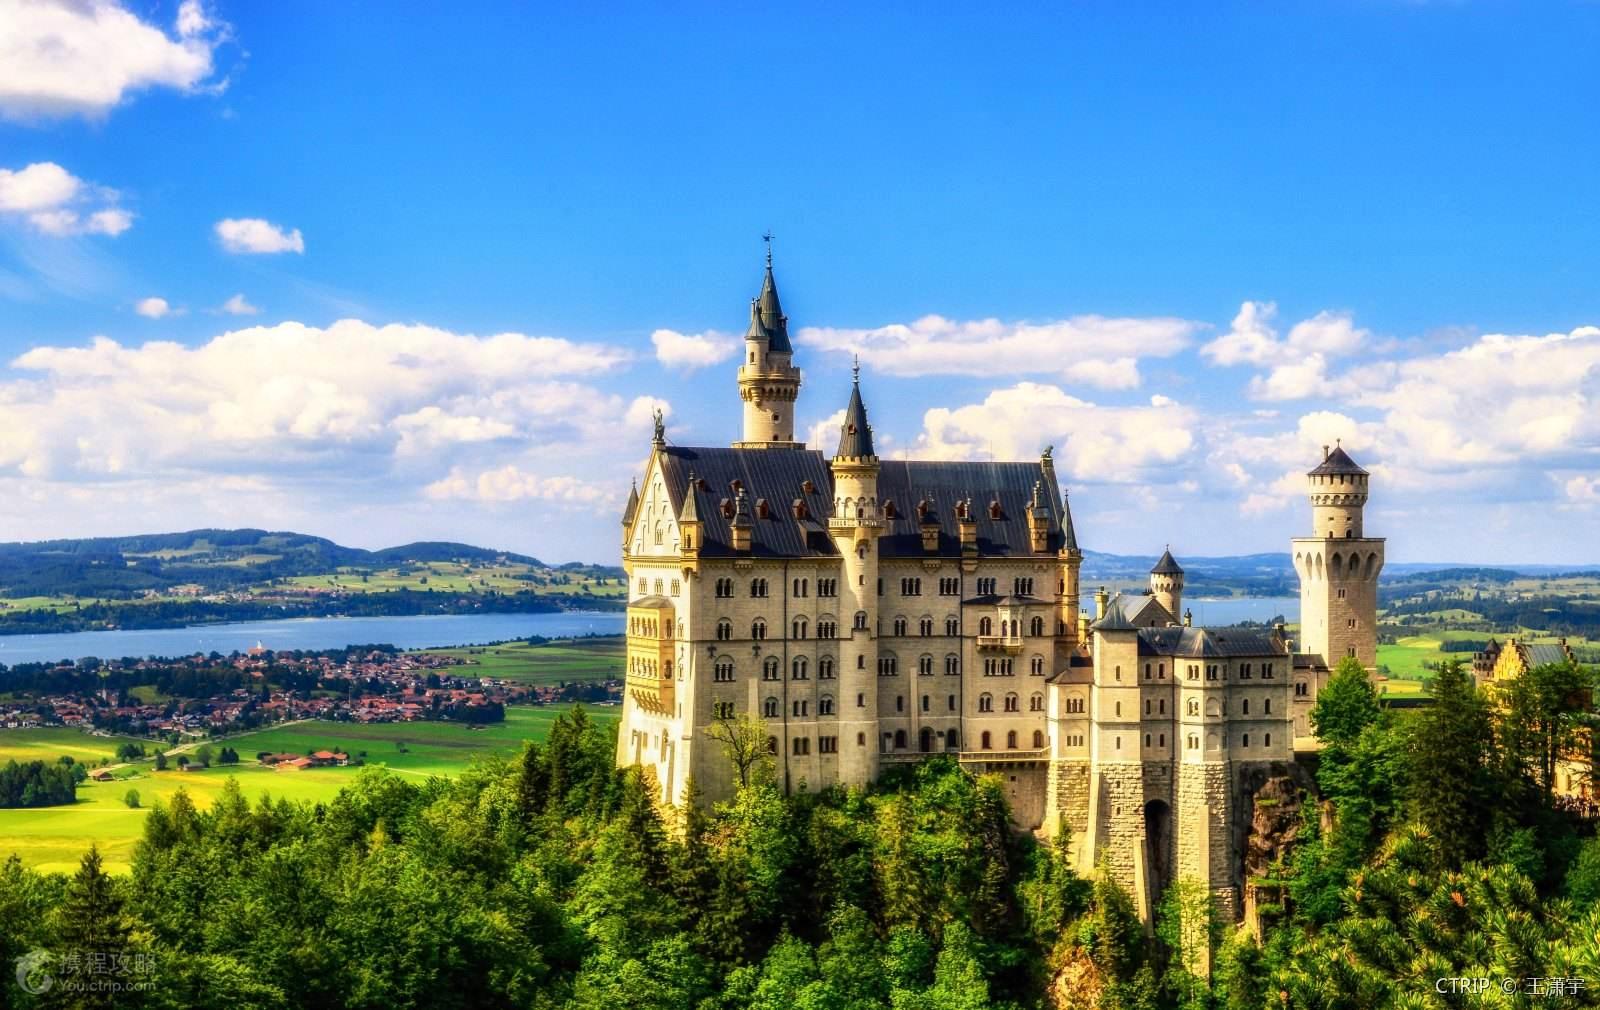 新天鹅堡,它为何是德国出镜率最高的景点?